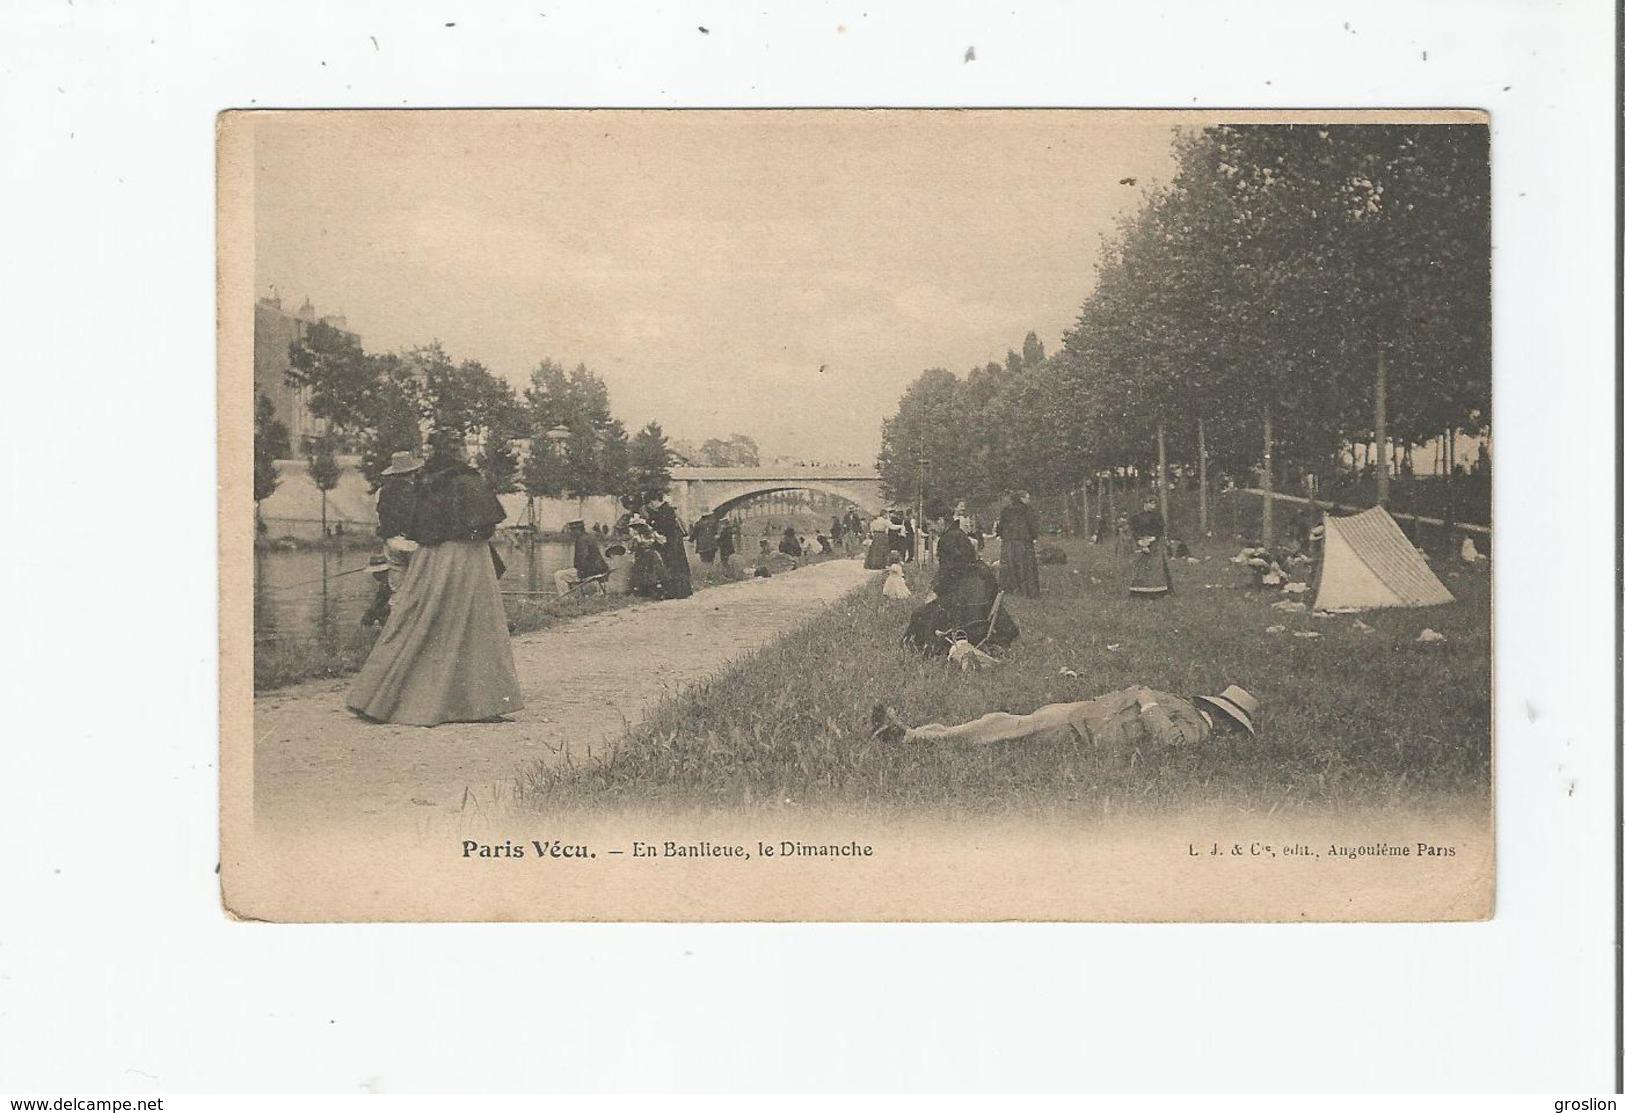 PARIS VECU EN BANLIEUE LE DIMANCHE - Petits Métiers à Paris